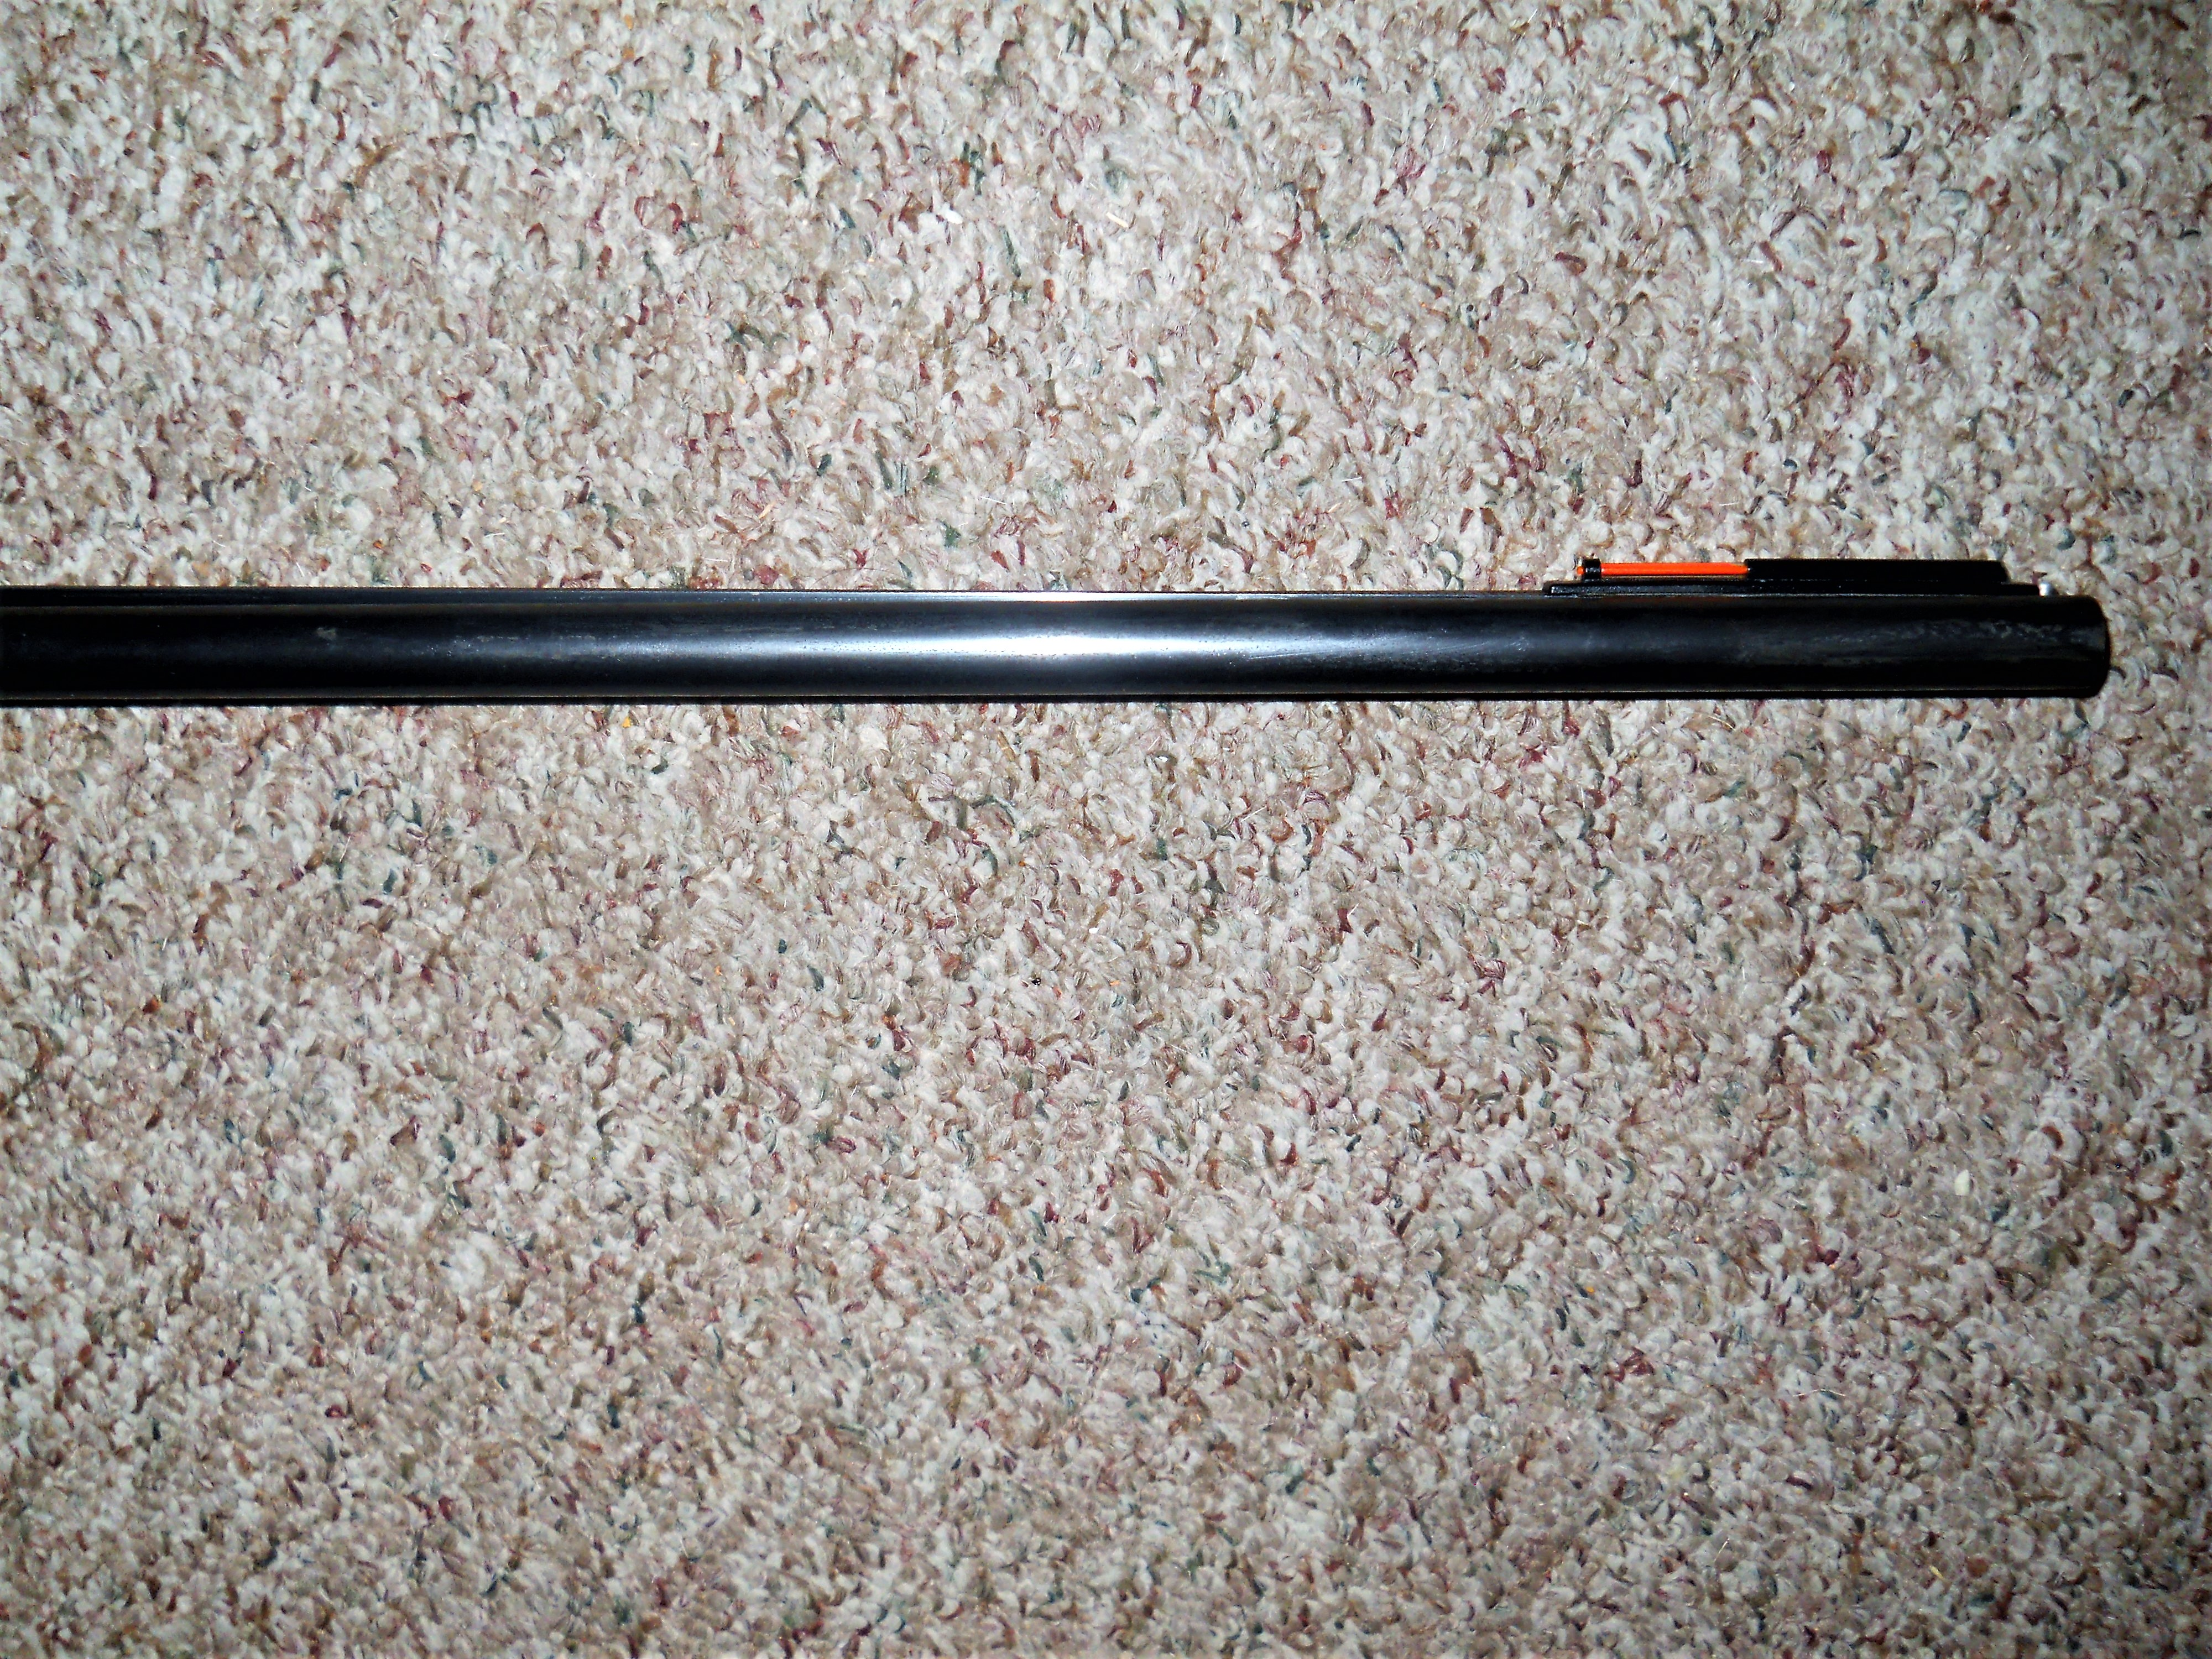 DSCN0052 (2).JPG